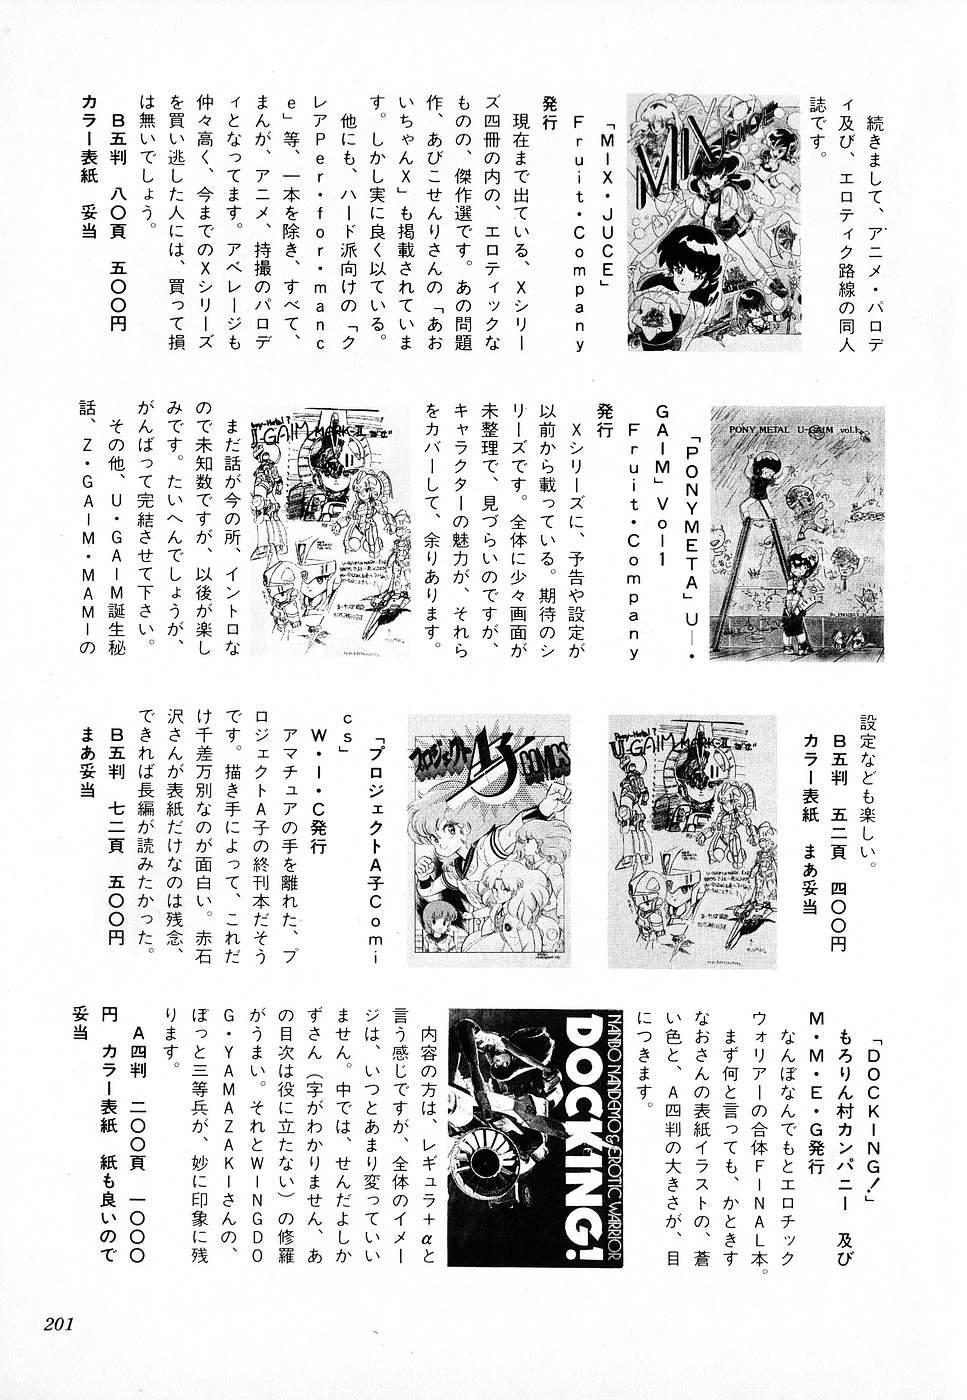 COMIC Lolipop 1985-10 Soukanjunbigou Aki 200